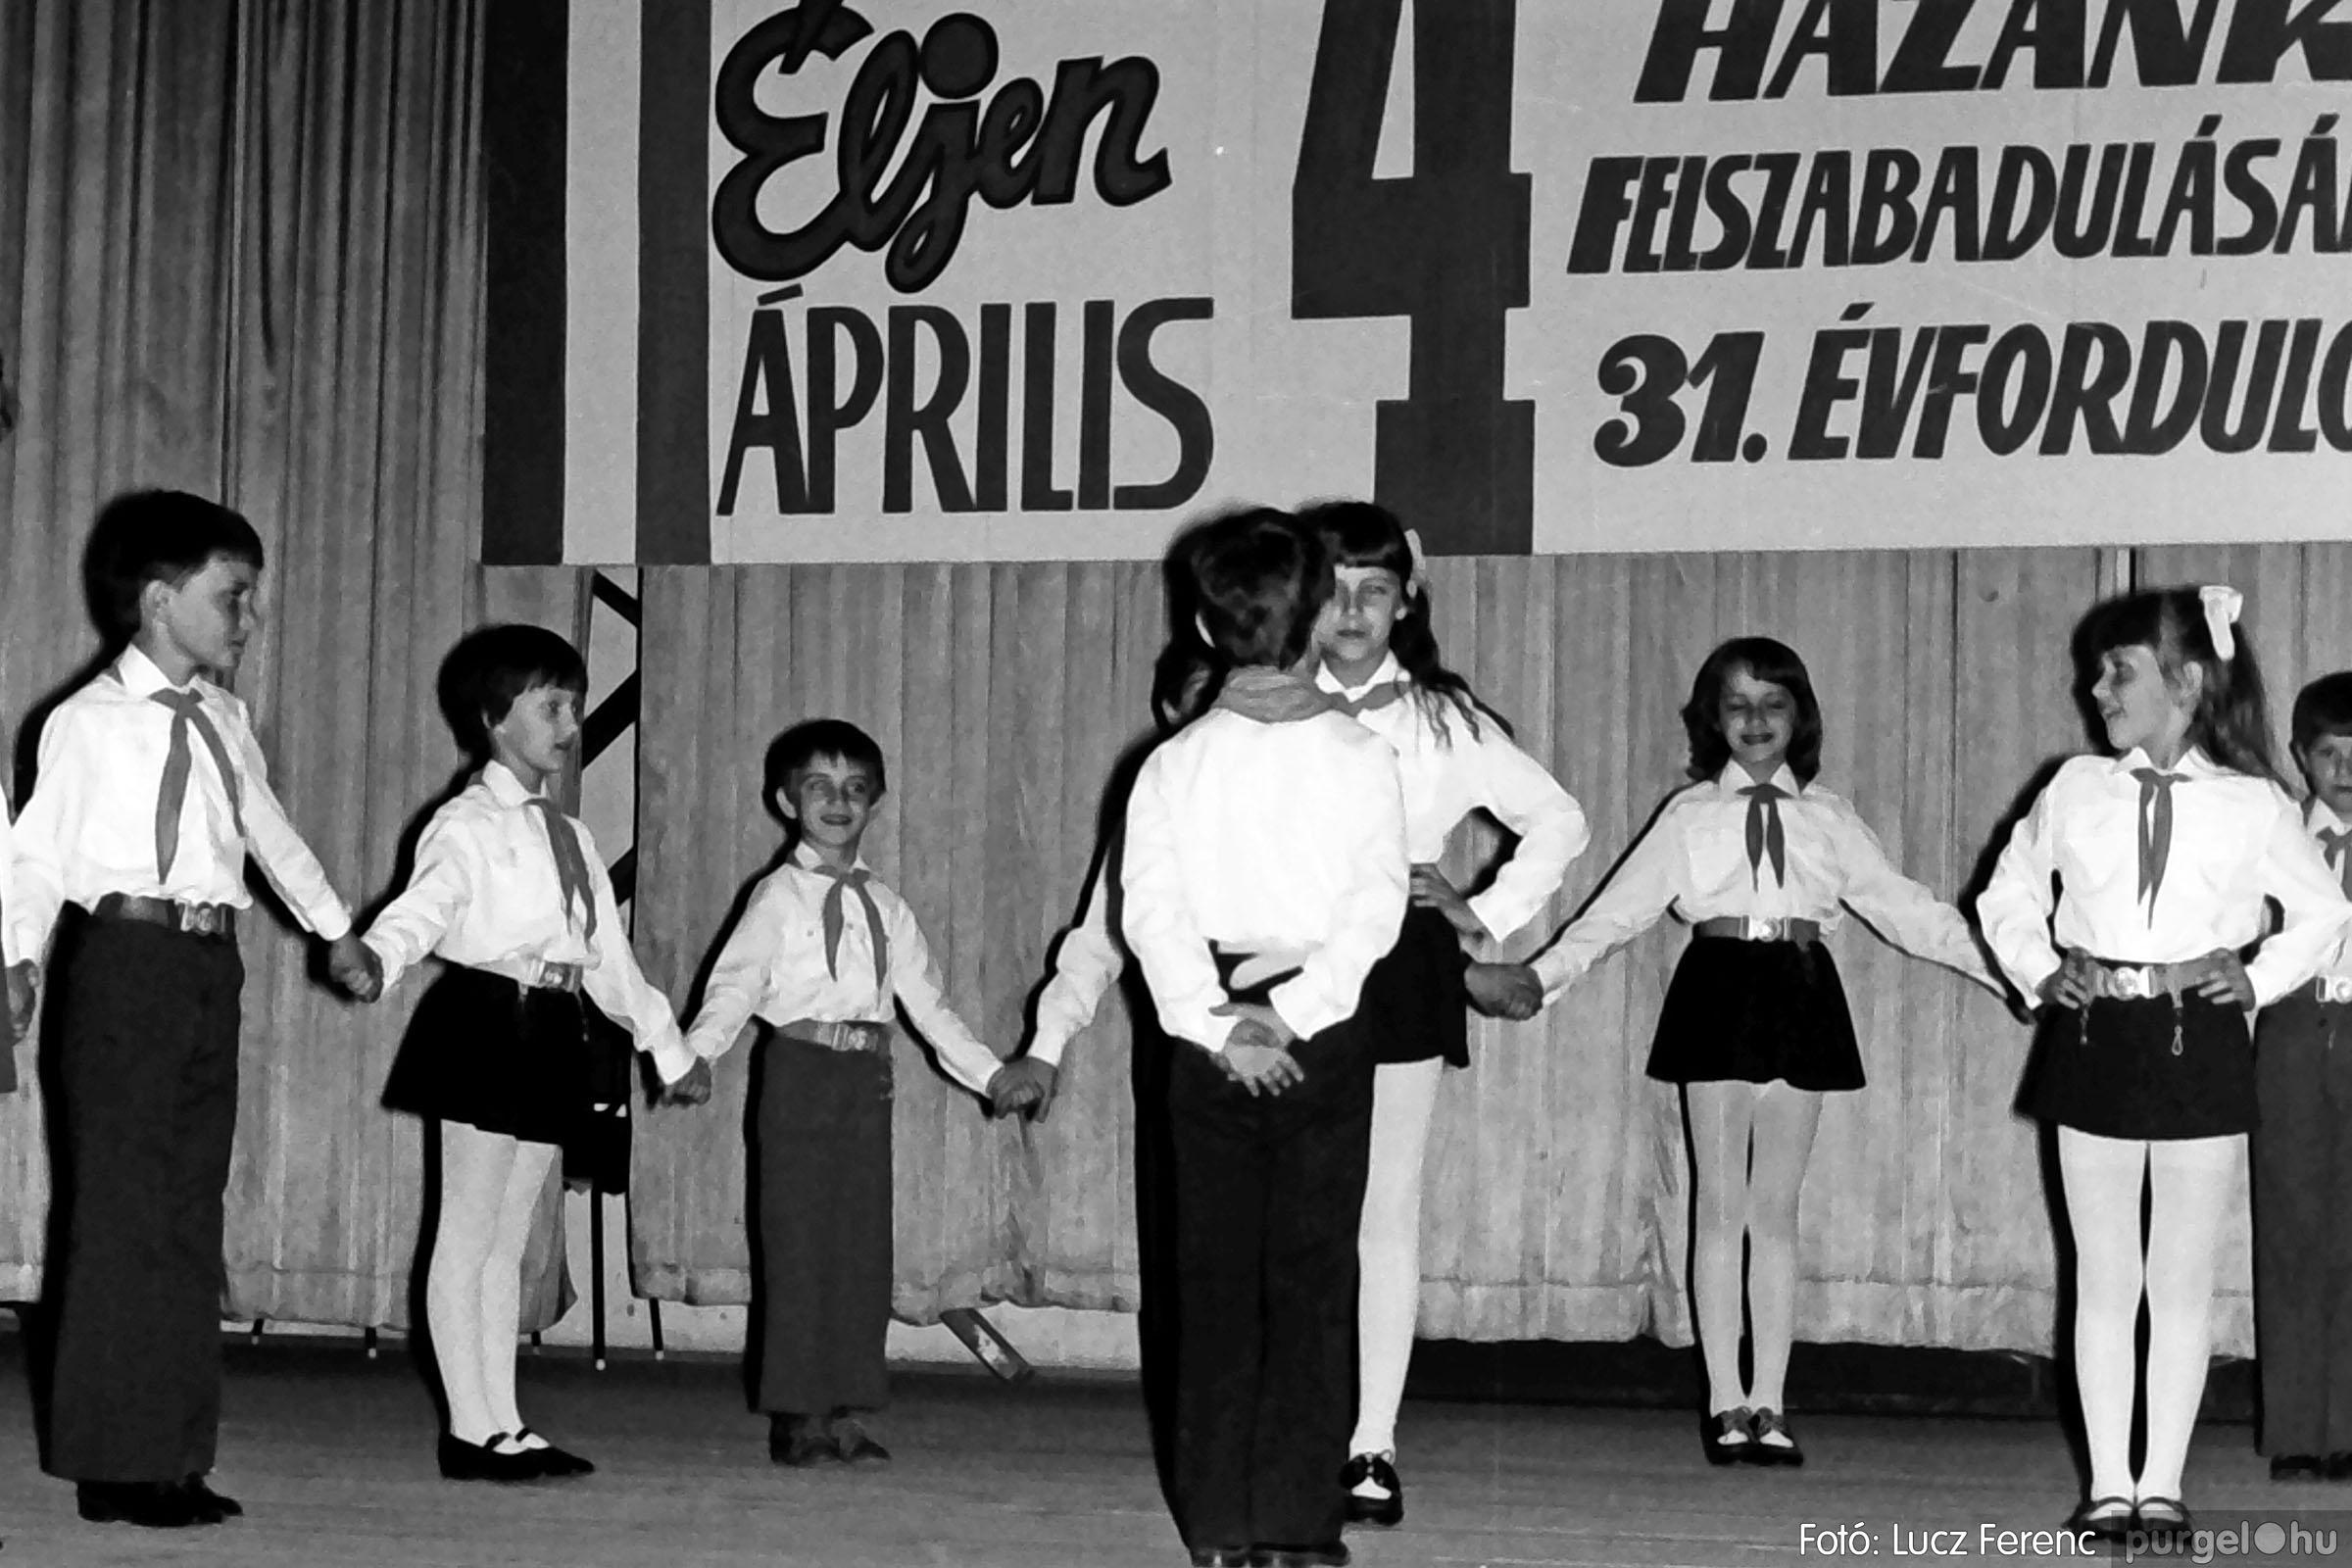 039. 1976.04.04. Április 4-i ünnepség a kultúrházban 027. - Fotó: Lucz Ferenc.jpg